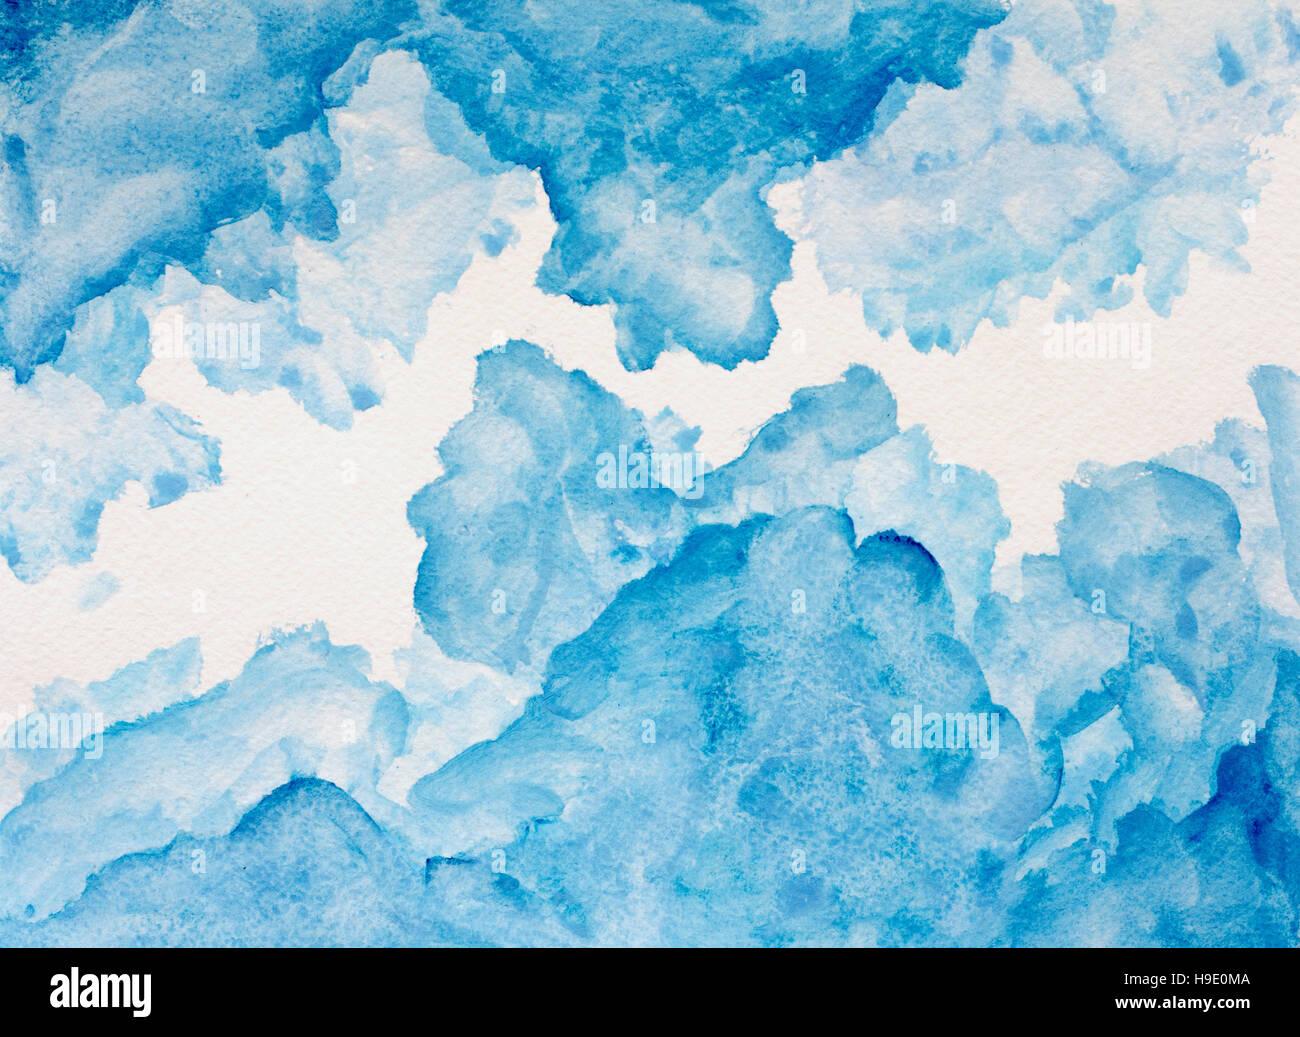 Acuarela azul pintada a mano sobre fondo blanco Imagen De Stock